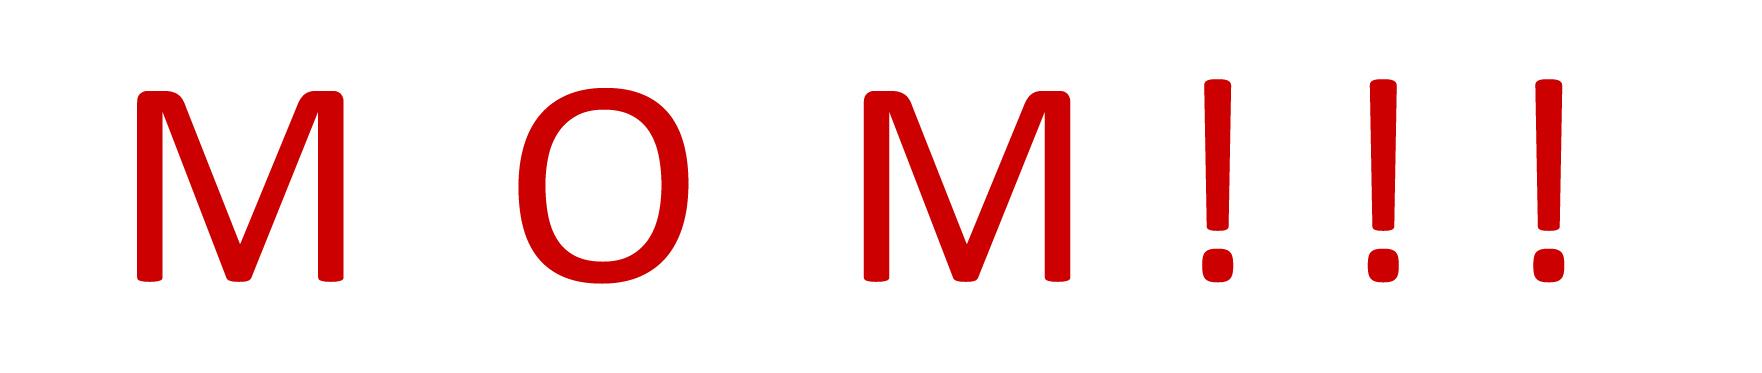 M  O  M.jpg